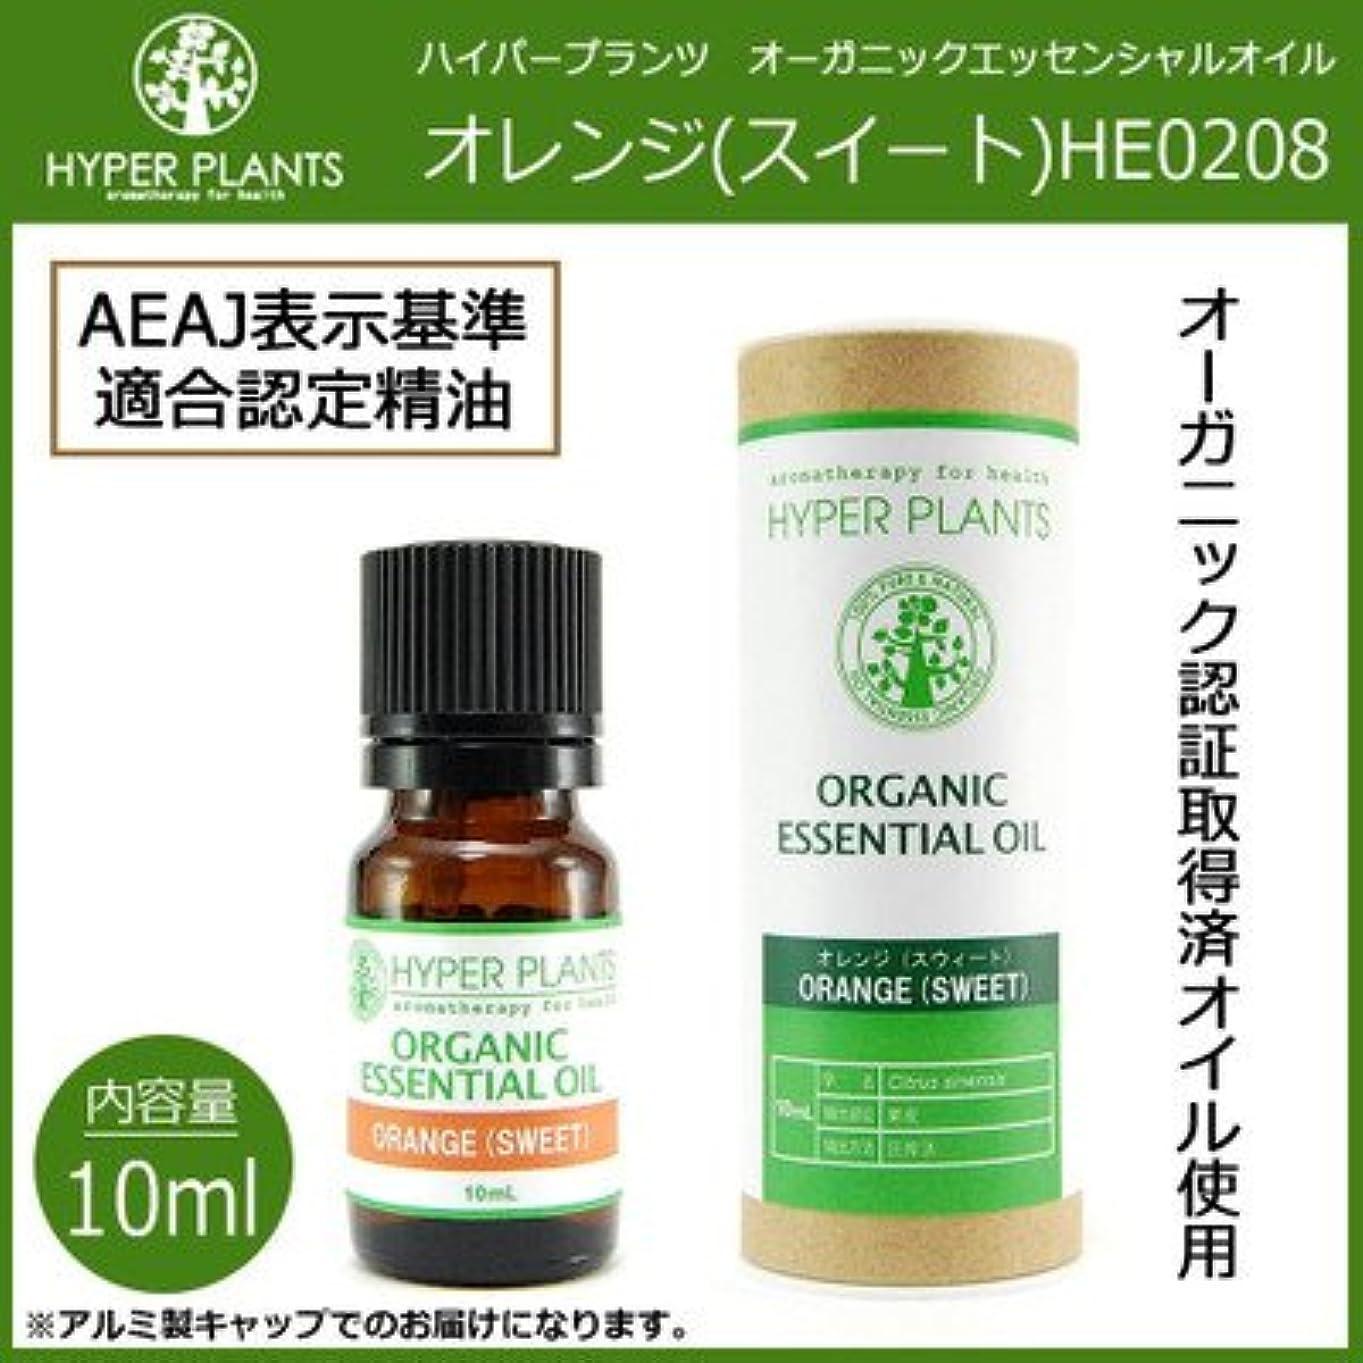 タクシーエンコミウム移行毎日の生活にアロマの香りを HYPER PLANTS ハイパープランツ オーガニックエッセンシャルオイル オレンジ スイート 10ml HE0208